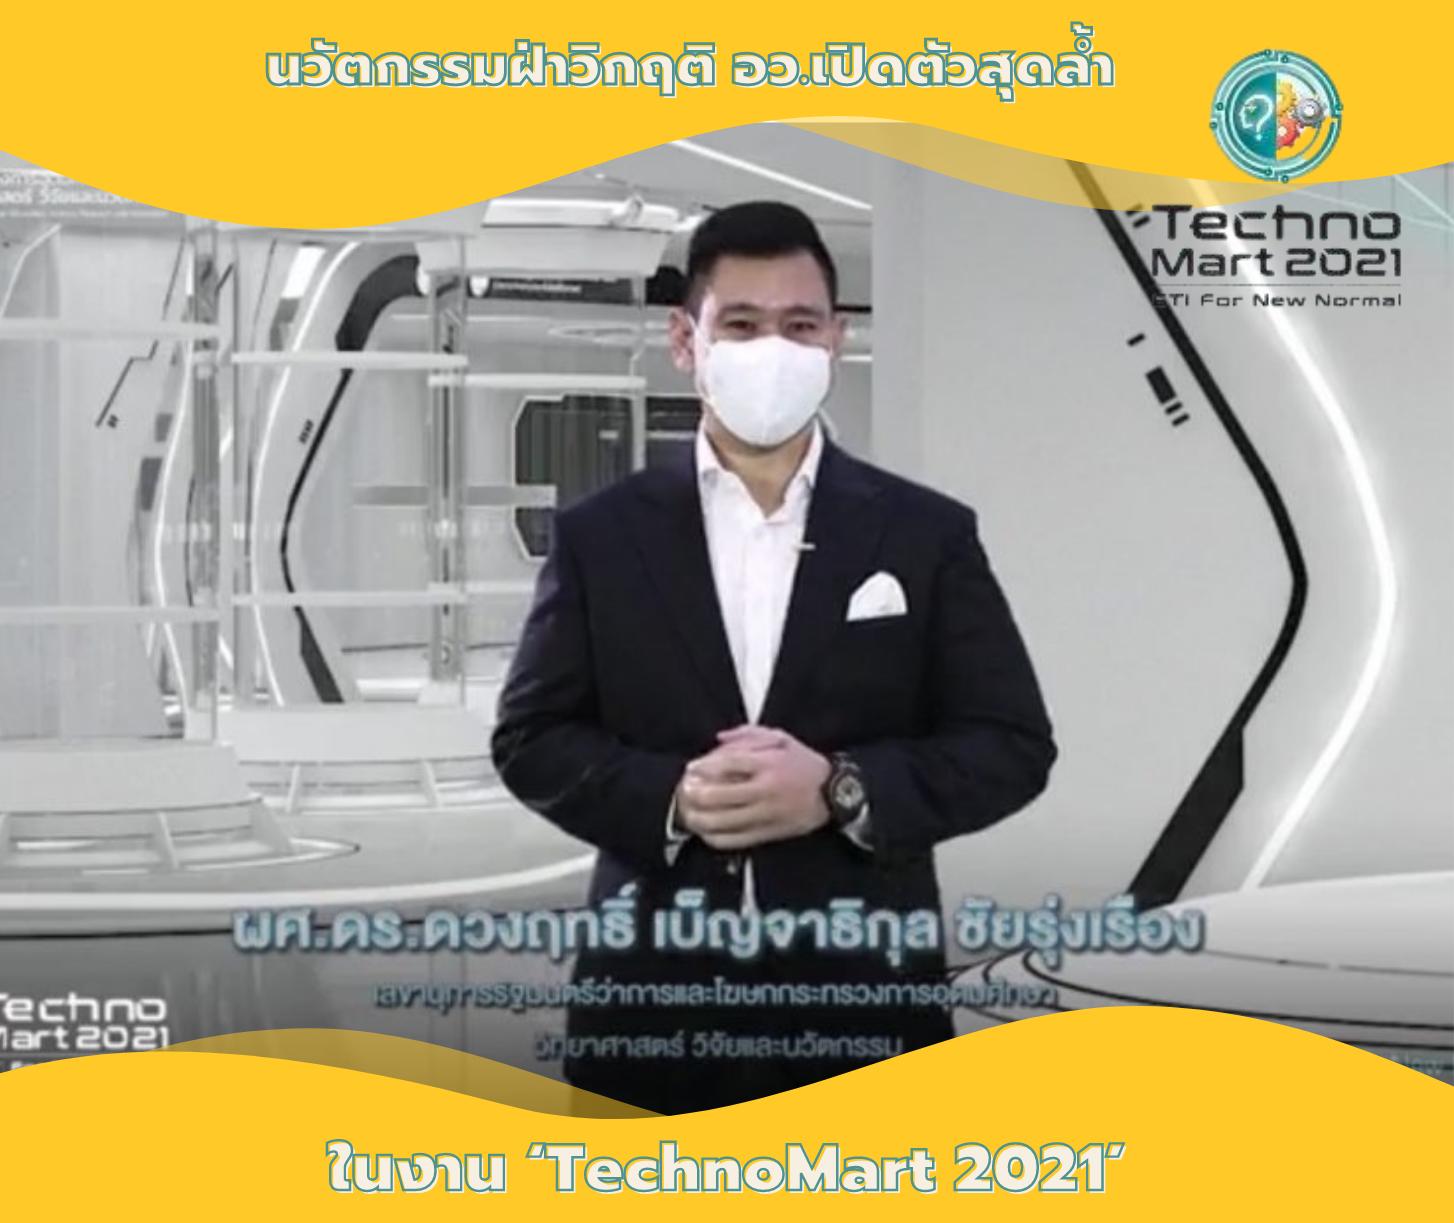 อว.เตรียมเปิดตัวล้ำยุค สุดยอดนวัตกรรมฝ่าวิกฤติ ในงาน 'TechnoMart 2021'